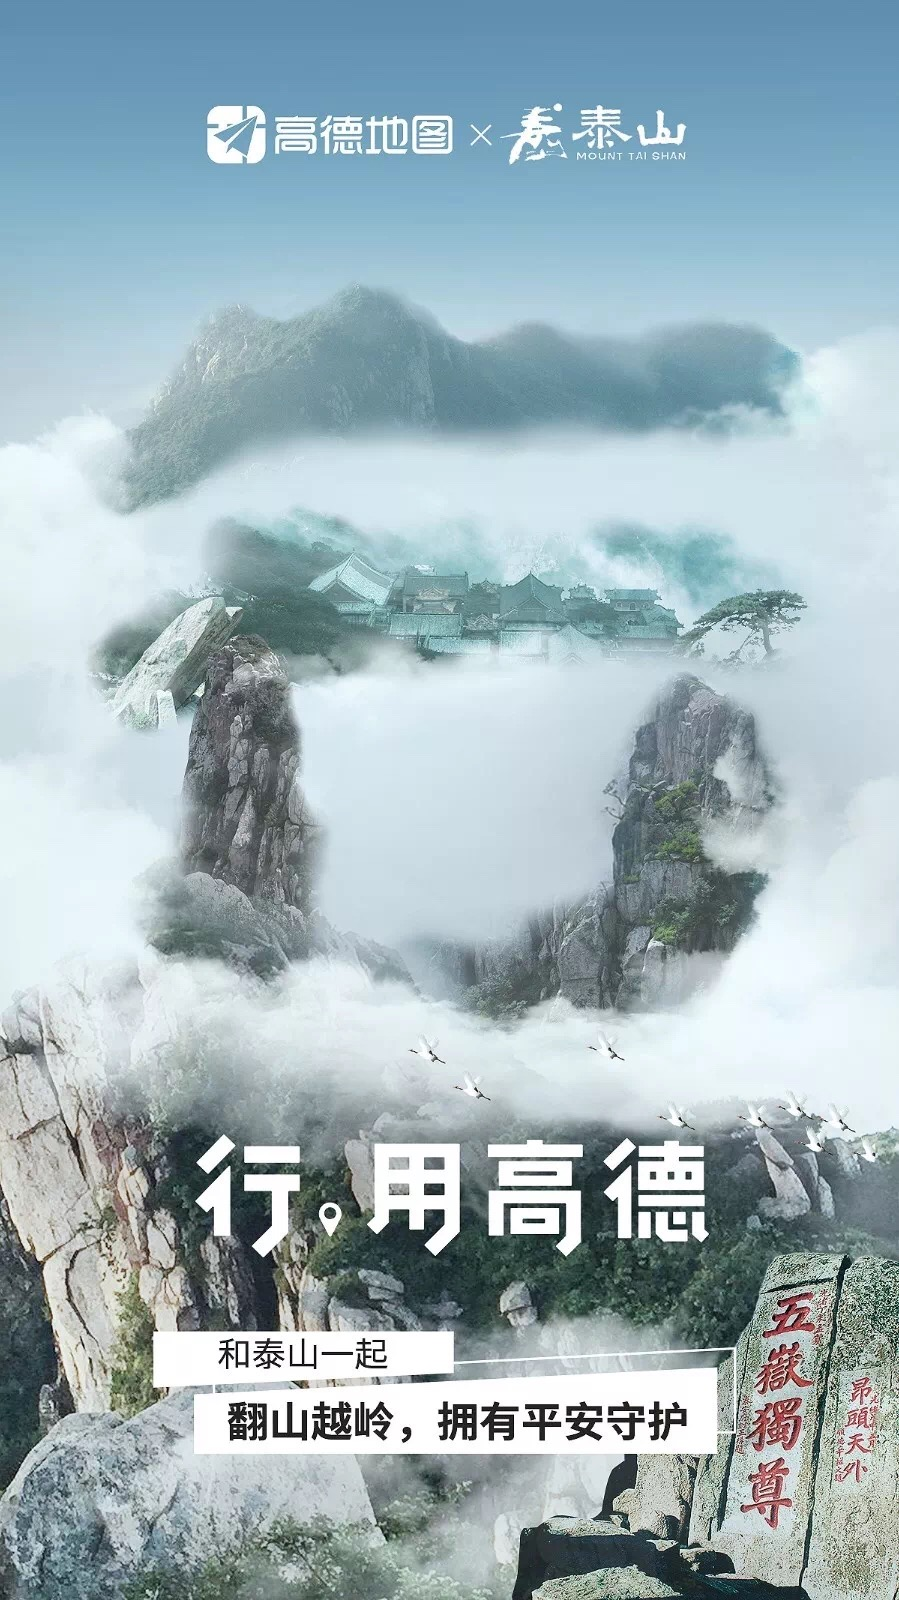 高德地图泰山联合海报